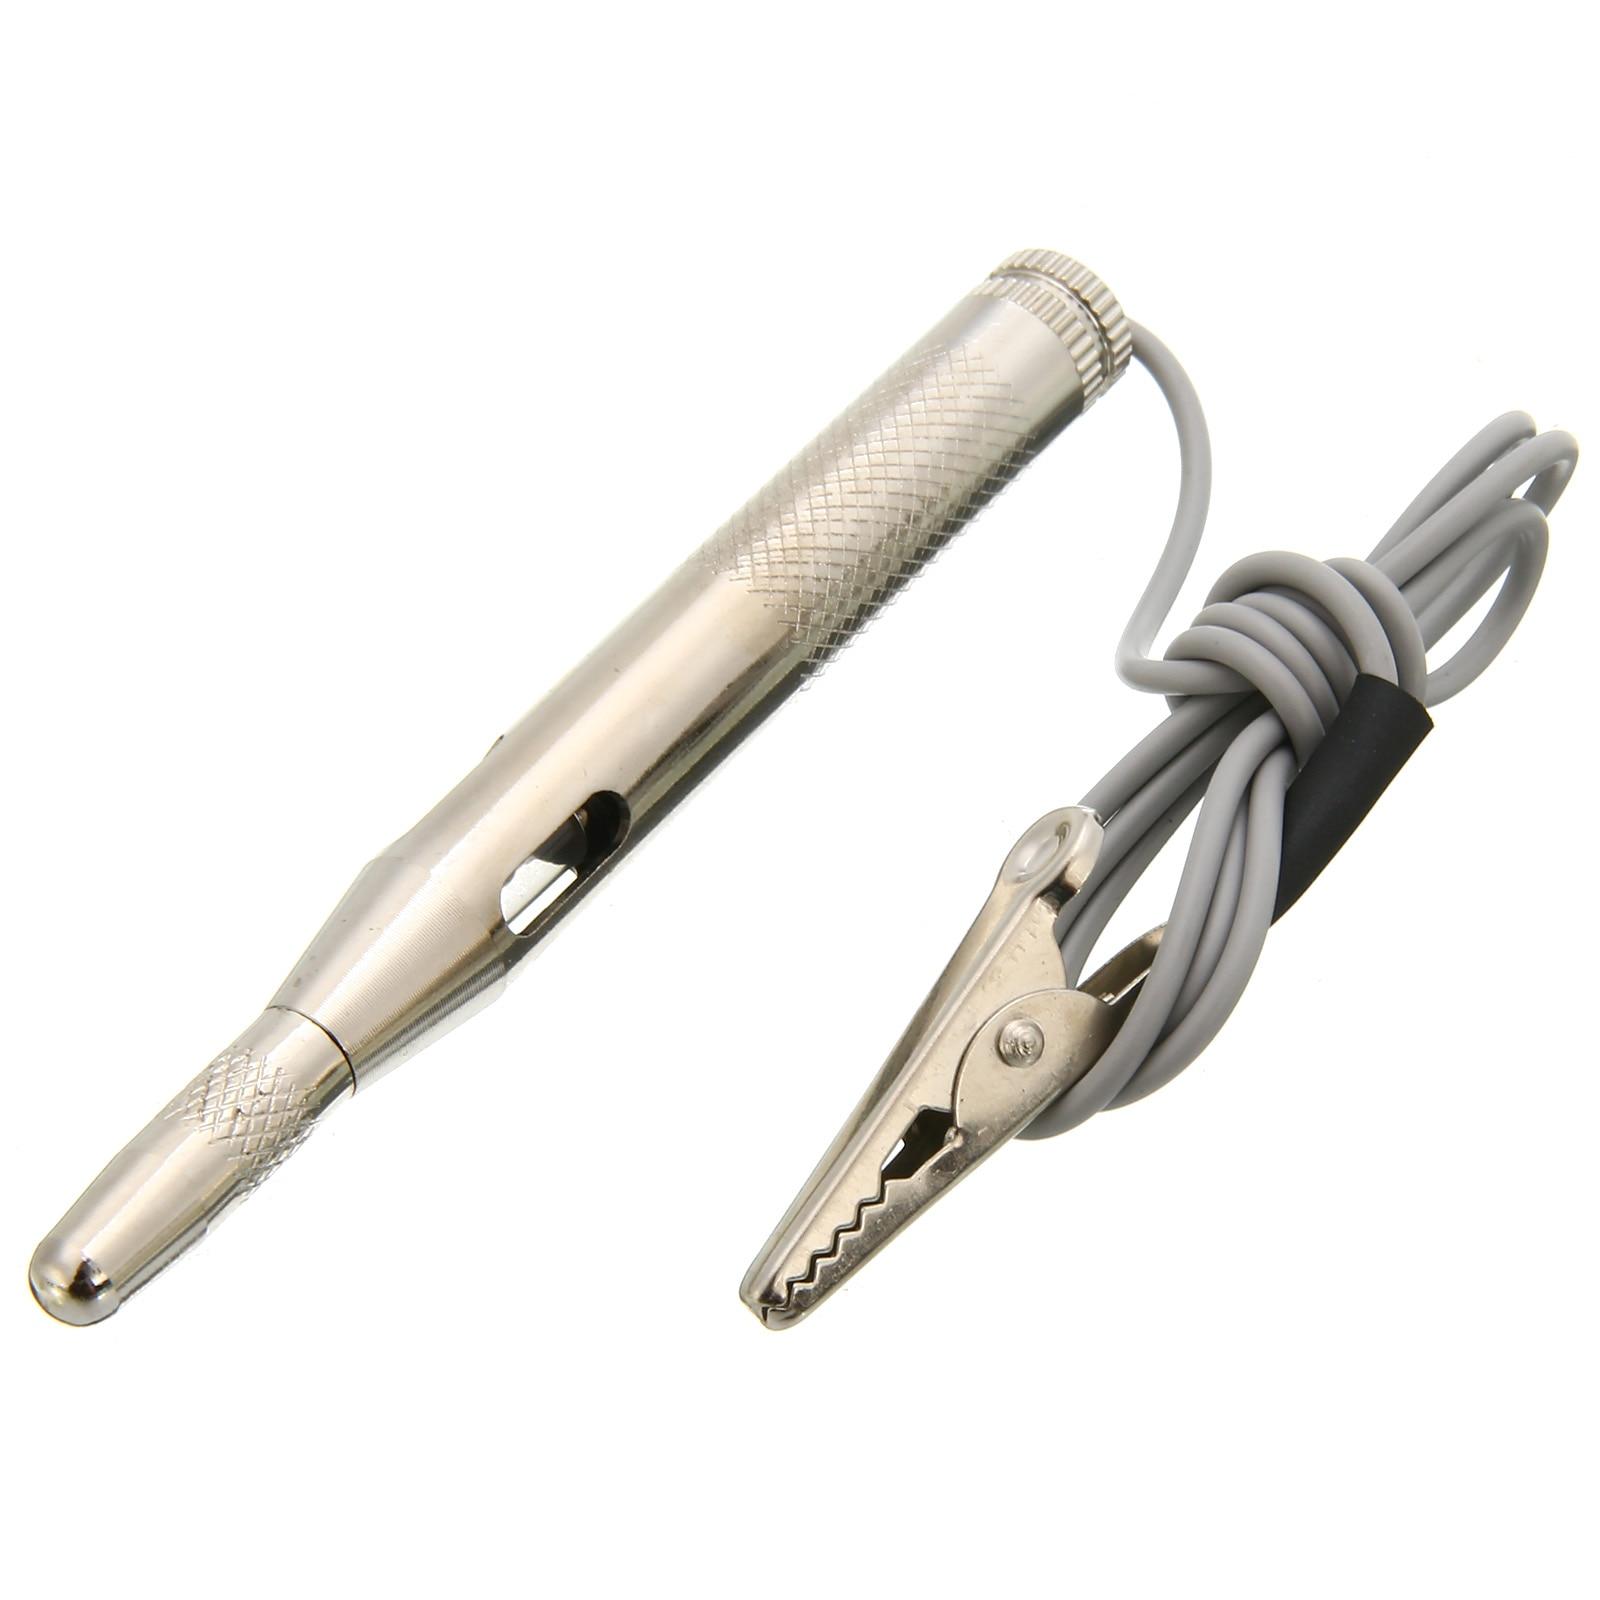 1 sztuk samochodów narzędzie diagnostyczne obwodu Tester narzedzia samochodowe DC 6-24V Auto Tester obwodów napięcia ołówek światła długopis testowy zaciski krokodylkowe